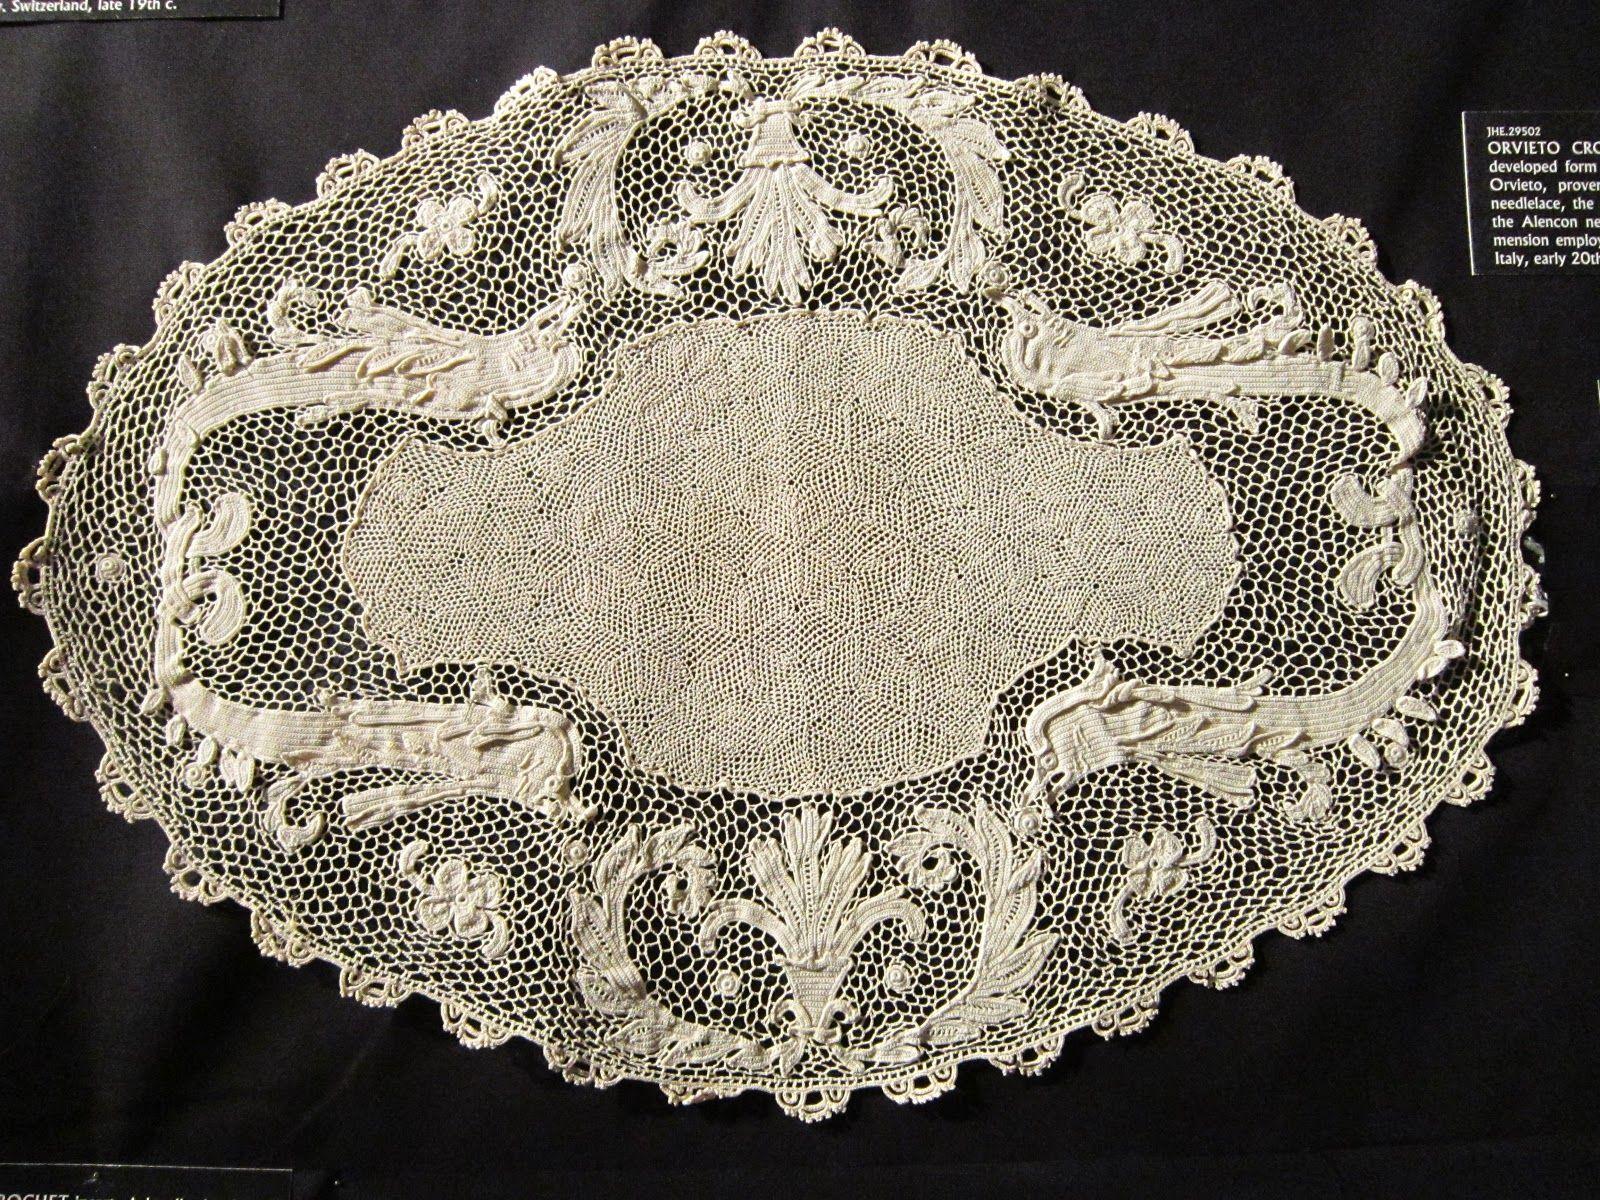 Lavori Antichi All Uncinetto.Orvieto Lace Crochet Merletto Di Orvieto Uncinetto